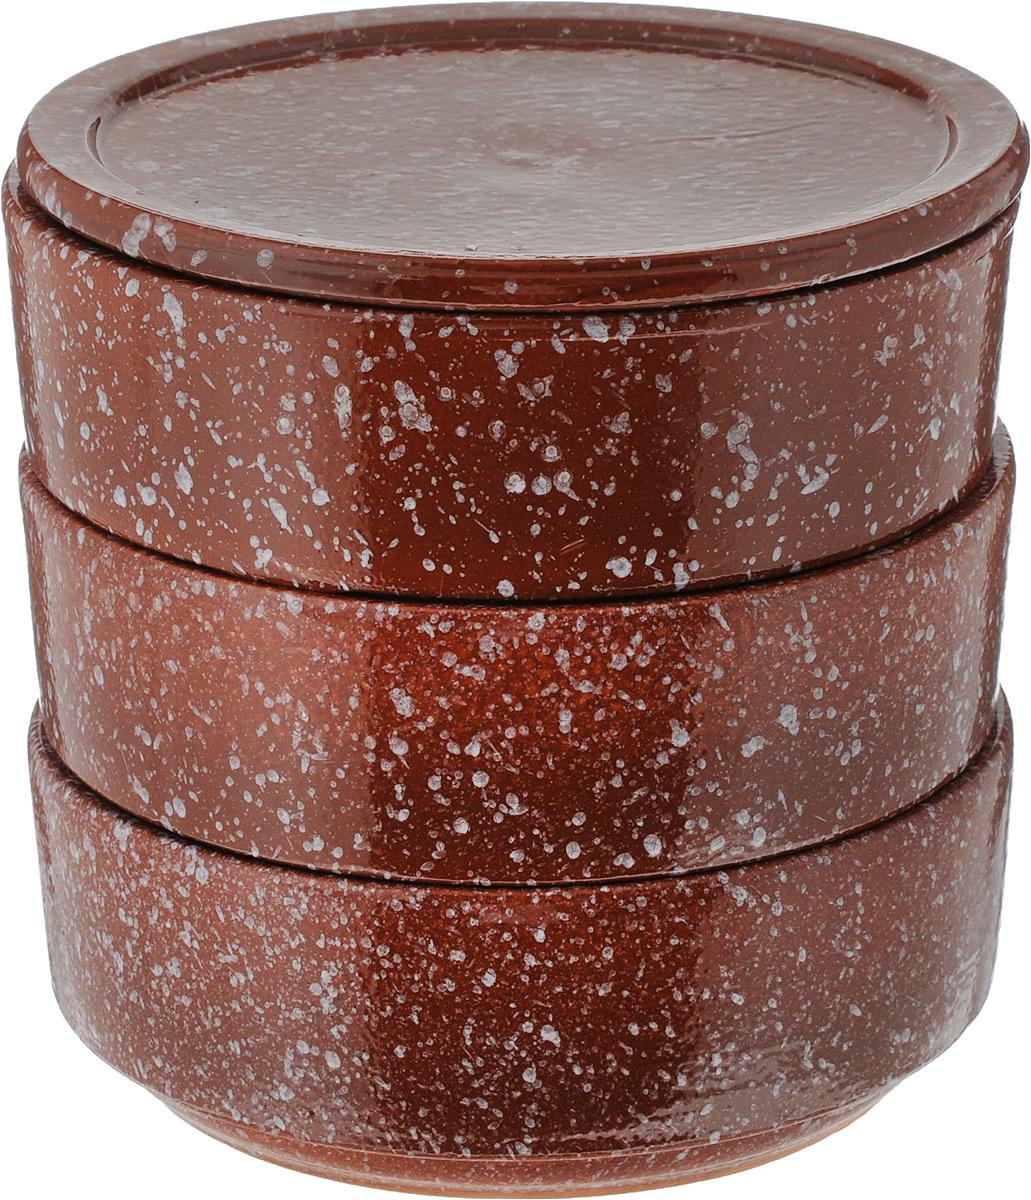 Набор блюд для холодца Ломоносовская керамика, с крышкой, цвет: коричневый, 0,65 л, 3 шт115510Блюда Ломоносовская керамика, изготовленные из глины, предназначены дляприготовления и хранения заливного или холодца. В комплект входит плоская керамическаякрышка.Также блюда можно использовать для приготовления и хранения салатов. Такие блюда украсят сервировку вашего стола и подчеркнут прекрасный вкус хозяйки. Диаметр блюда: 15,2 см, Высота блюда: 5,5 см, Объем блюда: 0,65 л.